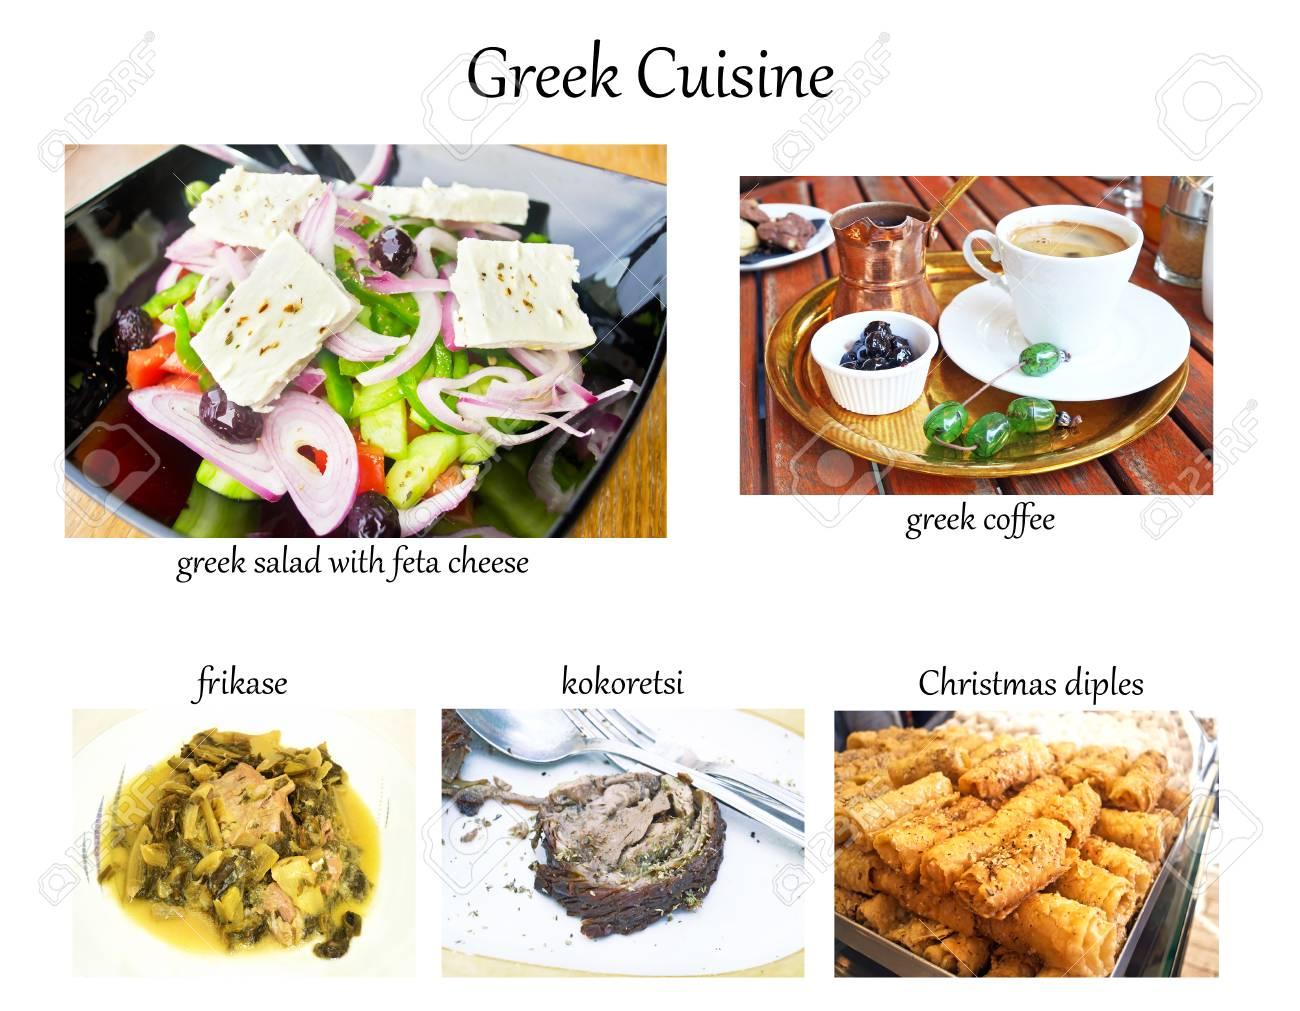 Collage Mit Griechischer Küche - Kaffee, Salat, Frikase, Kokoretsi ...